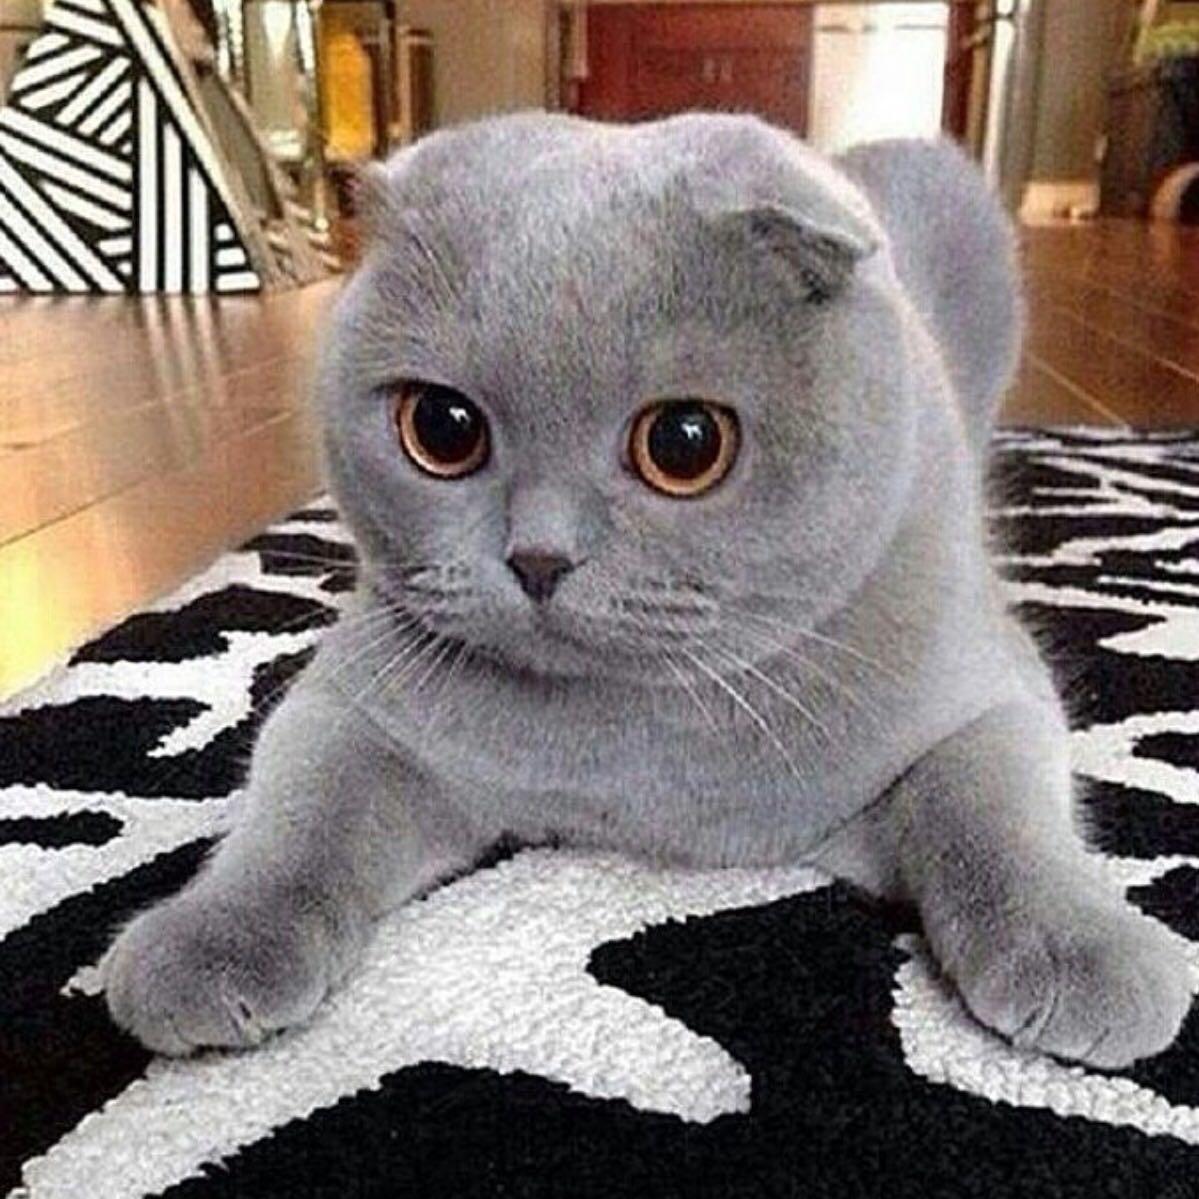 wie nennt man solche katzen rasse tiere kaufen katze